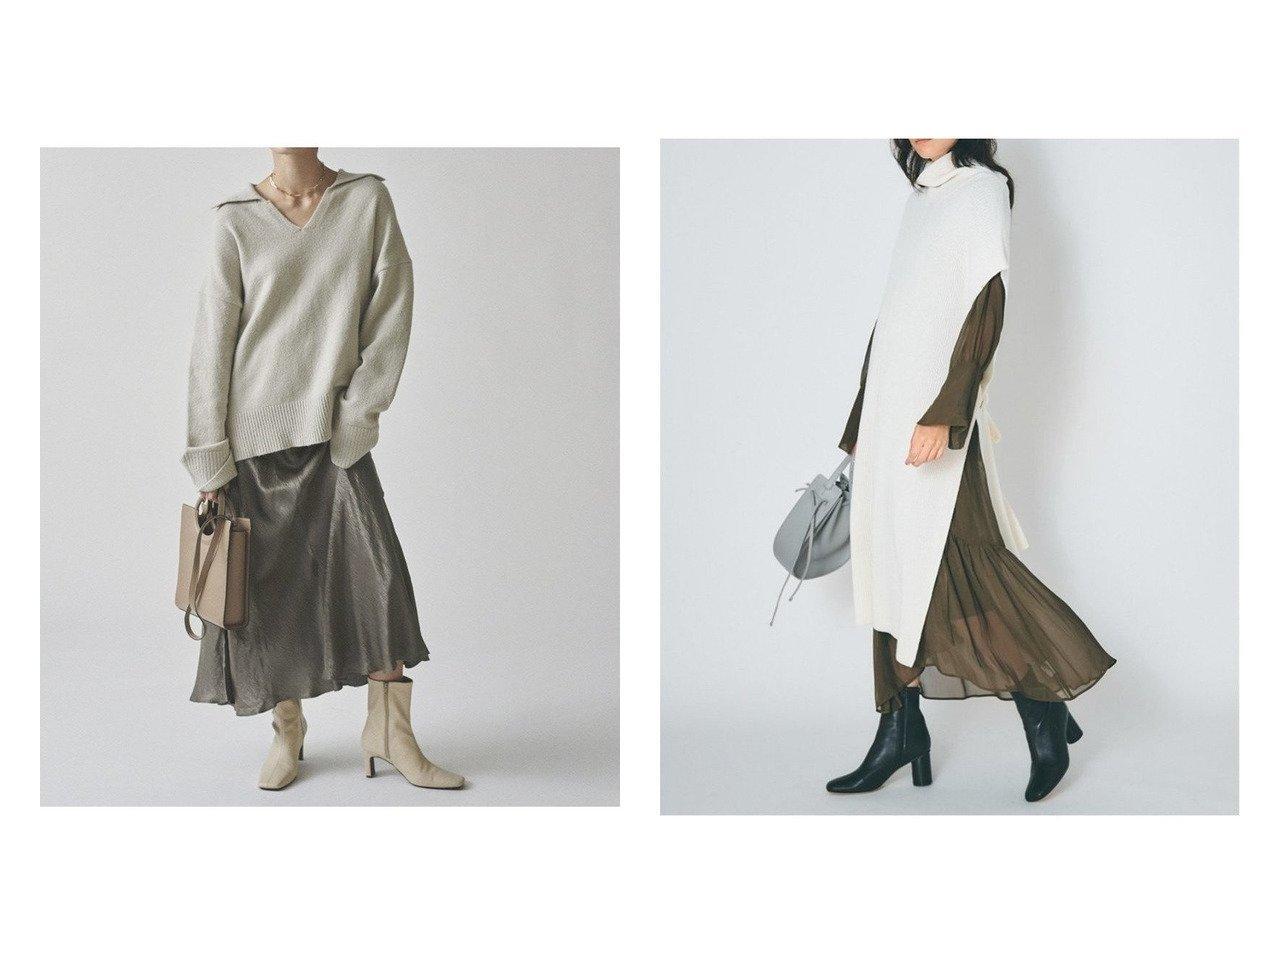 【FRAY I.D/フレイ アイディー】のウールカシミアニットポンチョ&【Mila Owen/ミラオーウェン】のスキッパー衿ニットプルオーバー トップス・カットソーのおすすめ!人気、トレンド・レディースファッションの通販  おすすめで人気の流行・トレンド、ファッションの通販商品 メンズファッション・キッズファッション・インテリア・家具・レディースファッション・服の通販 founy(ファニー) https://founy.com/ ファッション Fashion レディースファッション WOMEN トップス Tops Tshirt ニット Knit Tops プルオーバー Pullover アウター Coat Outerwear ポンチョ Ponchos ウォッシャブル カットソー スキッパー フェミニン カシミヤ カッティング ボトム レース  ID:crp329100000010673